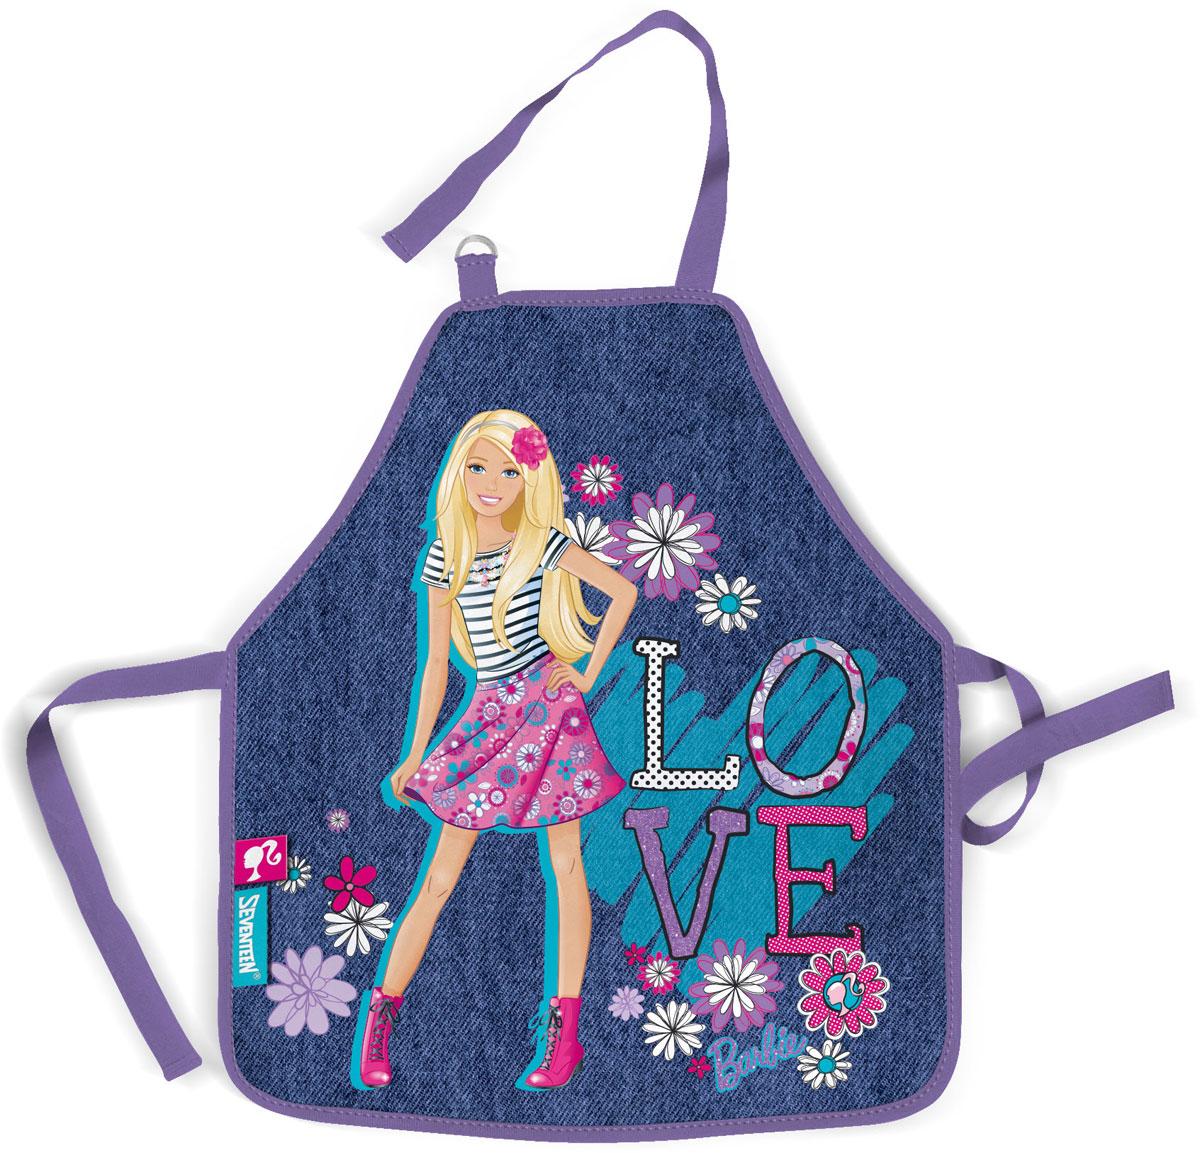 Фартук для детского творчества Barbie, цвет: синий. BRCB-RT2-029MBRCB-RT2-029MФартук для детского творчества Barbie поможет малышу не испачкаться во время домашних хлопот, на уроках труда или изобразительного искусства. Благодаря удобному покрою фартука, ребенок может его самостоятельно надевать и снимать. Его можно зафиксировать на талии и на шее с помощью специальных ремней. Ремень, предназначенный для фиксации на шее, имеет металлические приспособления для регулировки длины. Фартук изготовлен из водонепроницаемого материала, легко стирается.